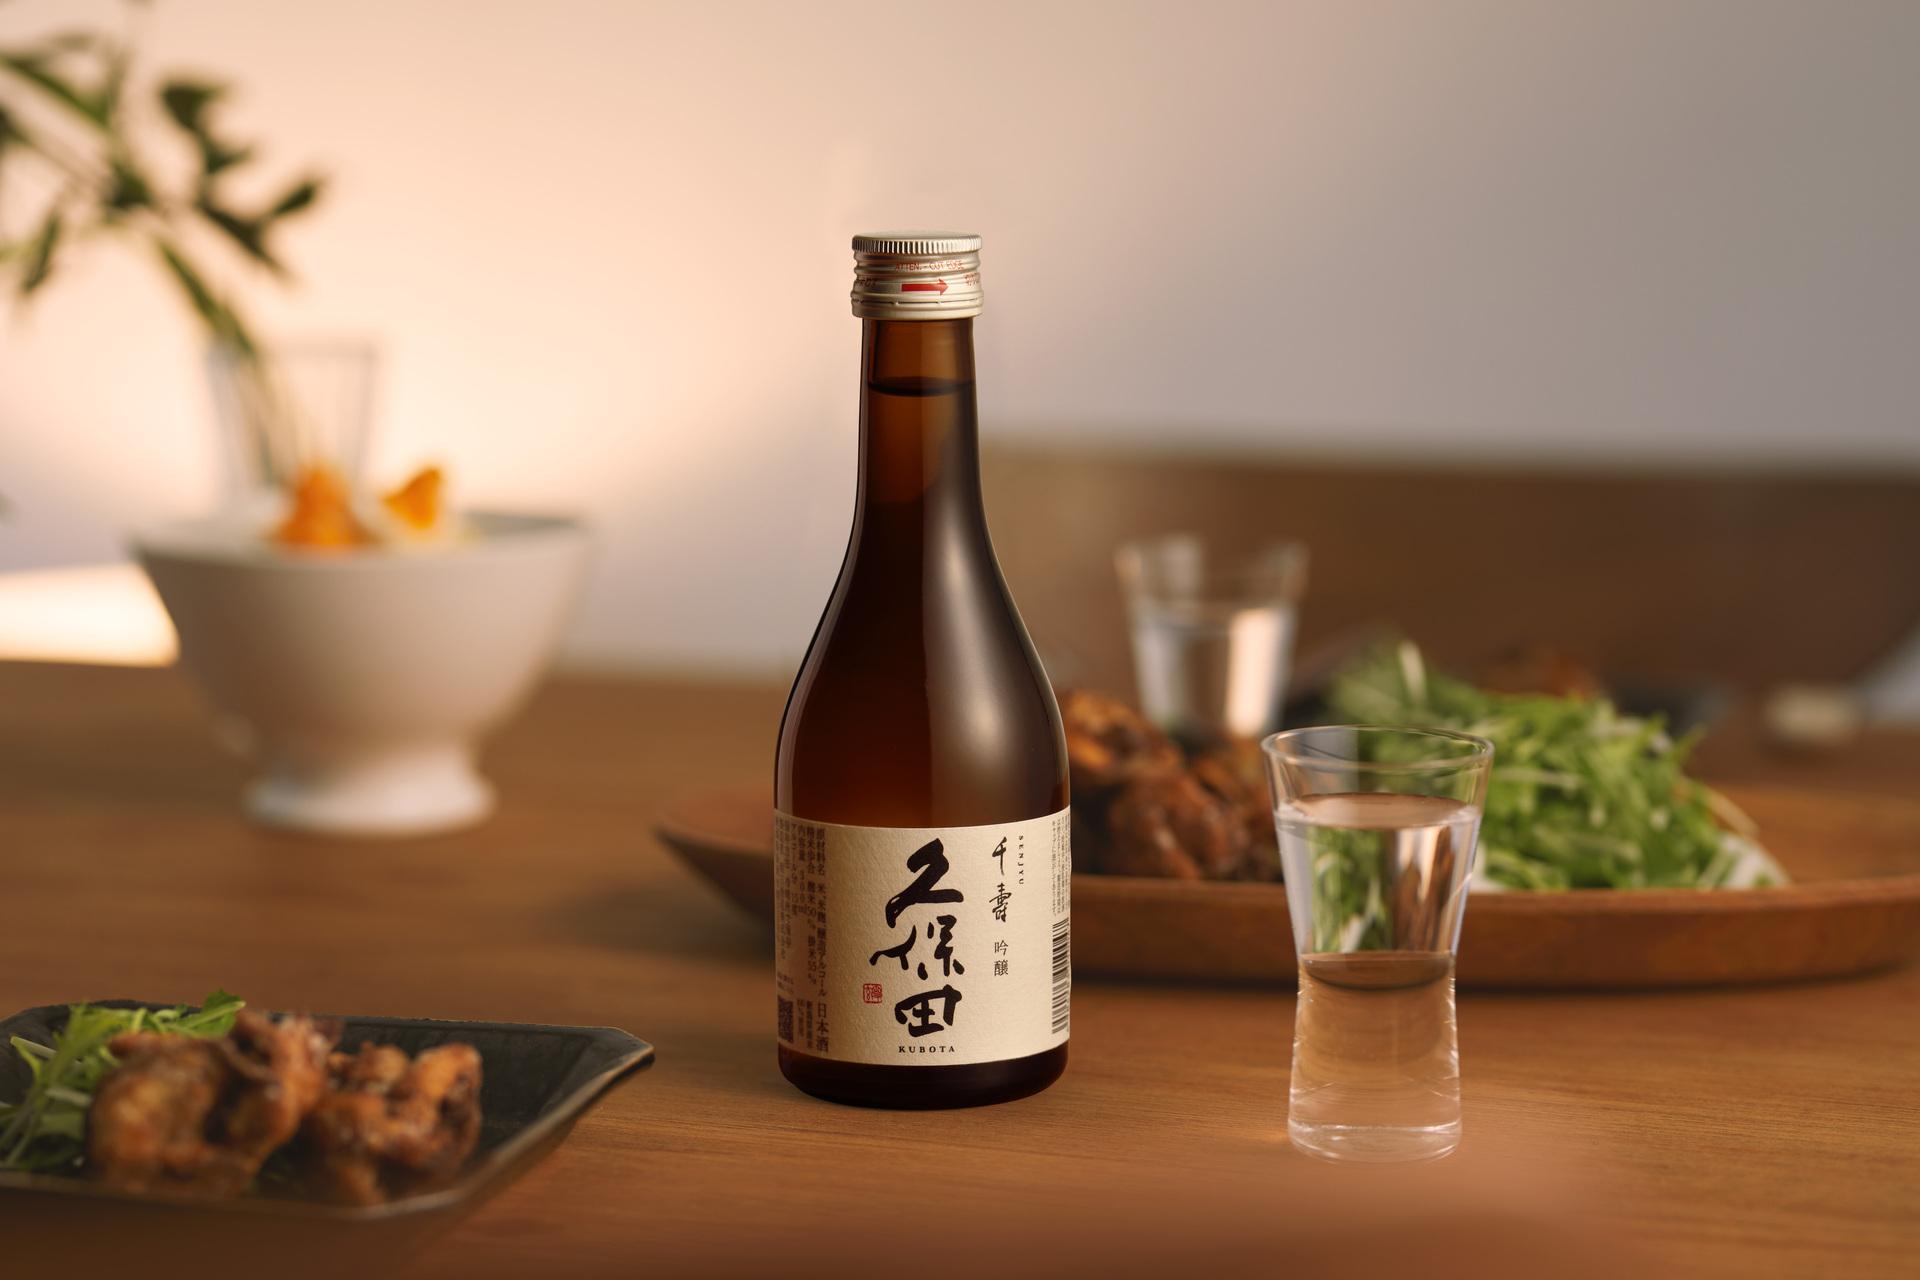 おうち居酒屋で日本酒をもっと楽しむ「宅飲み」のススメ